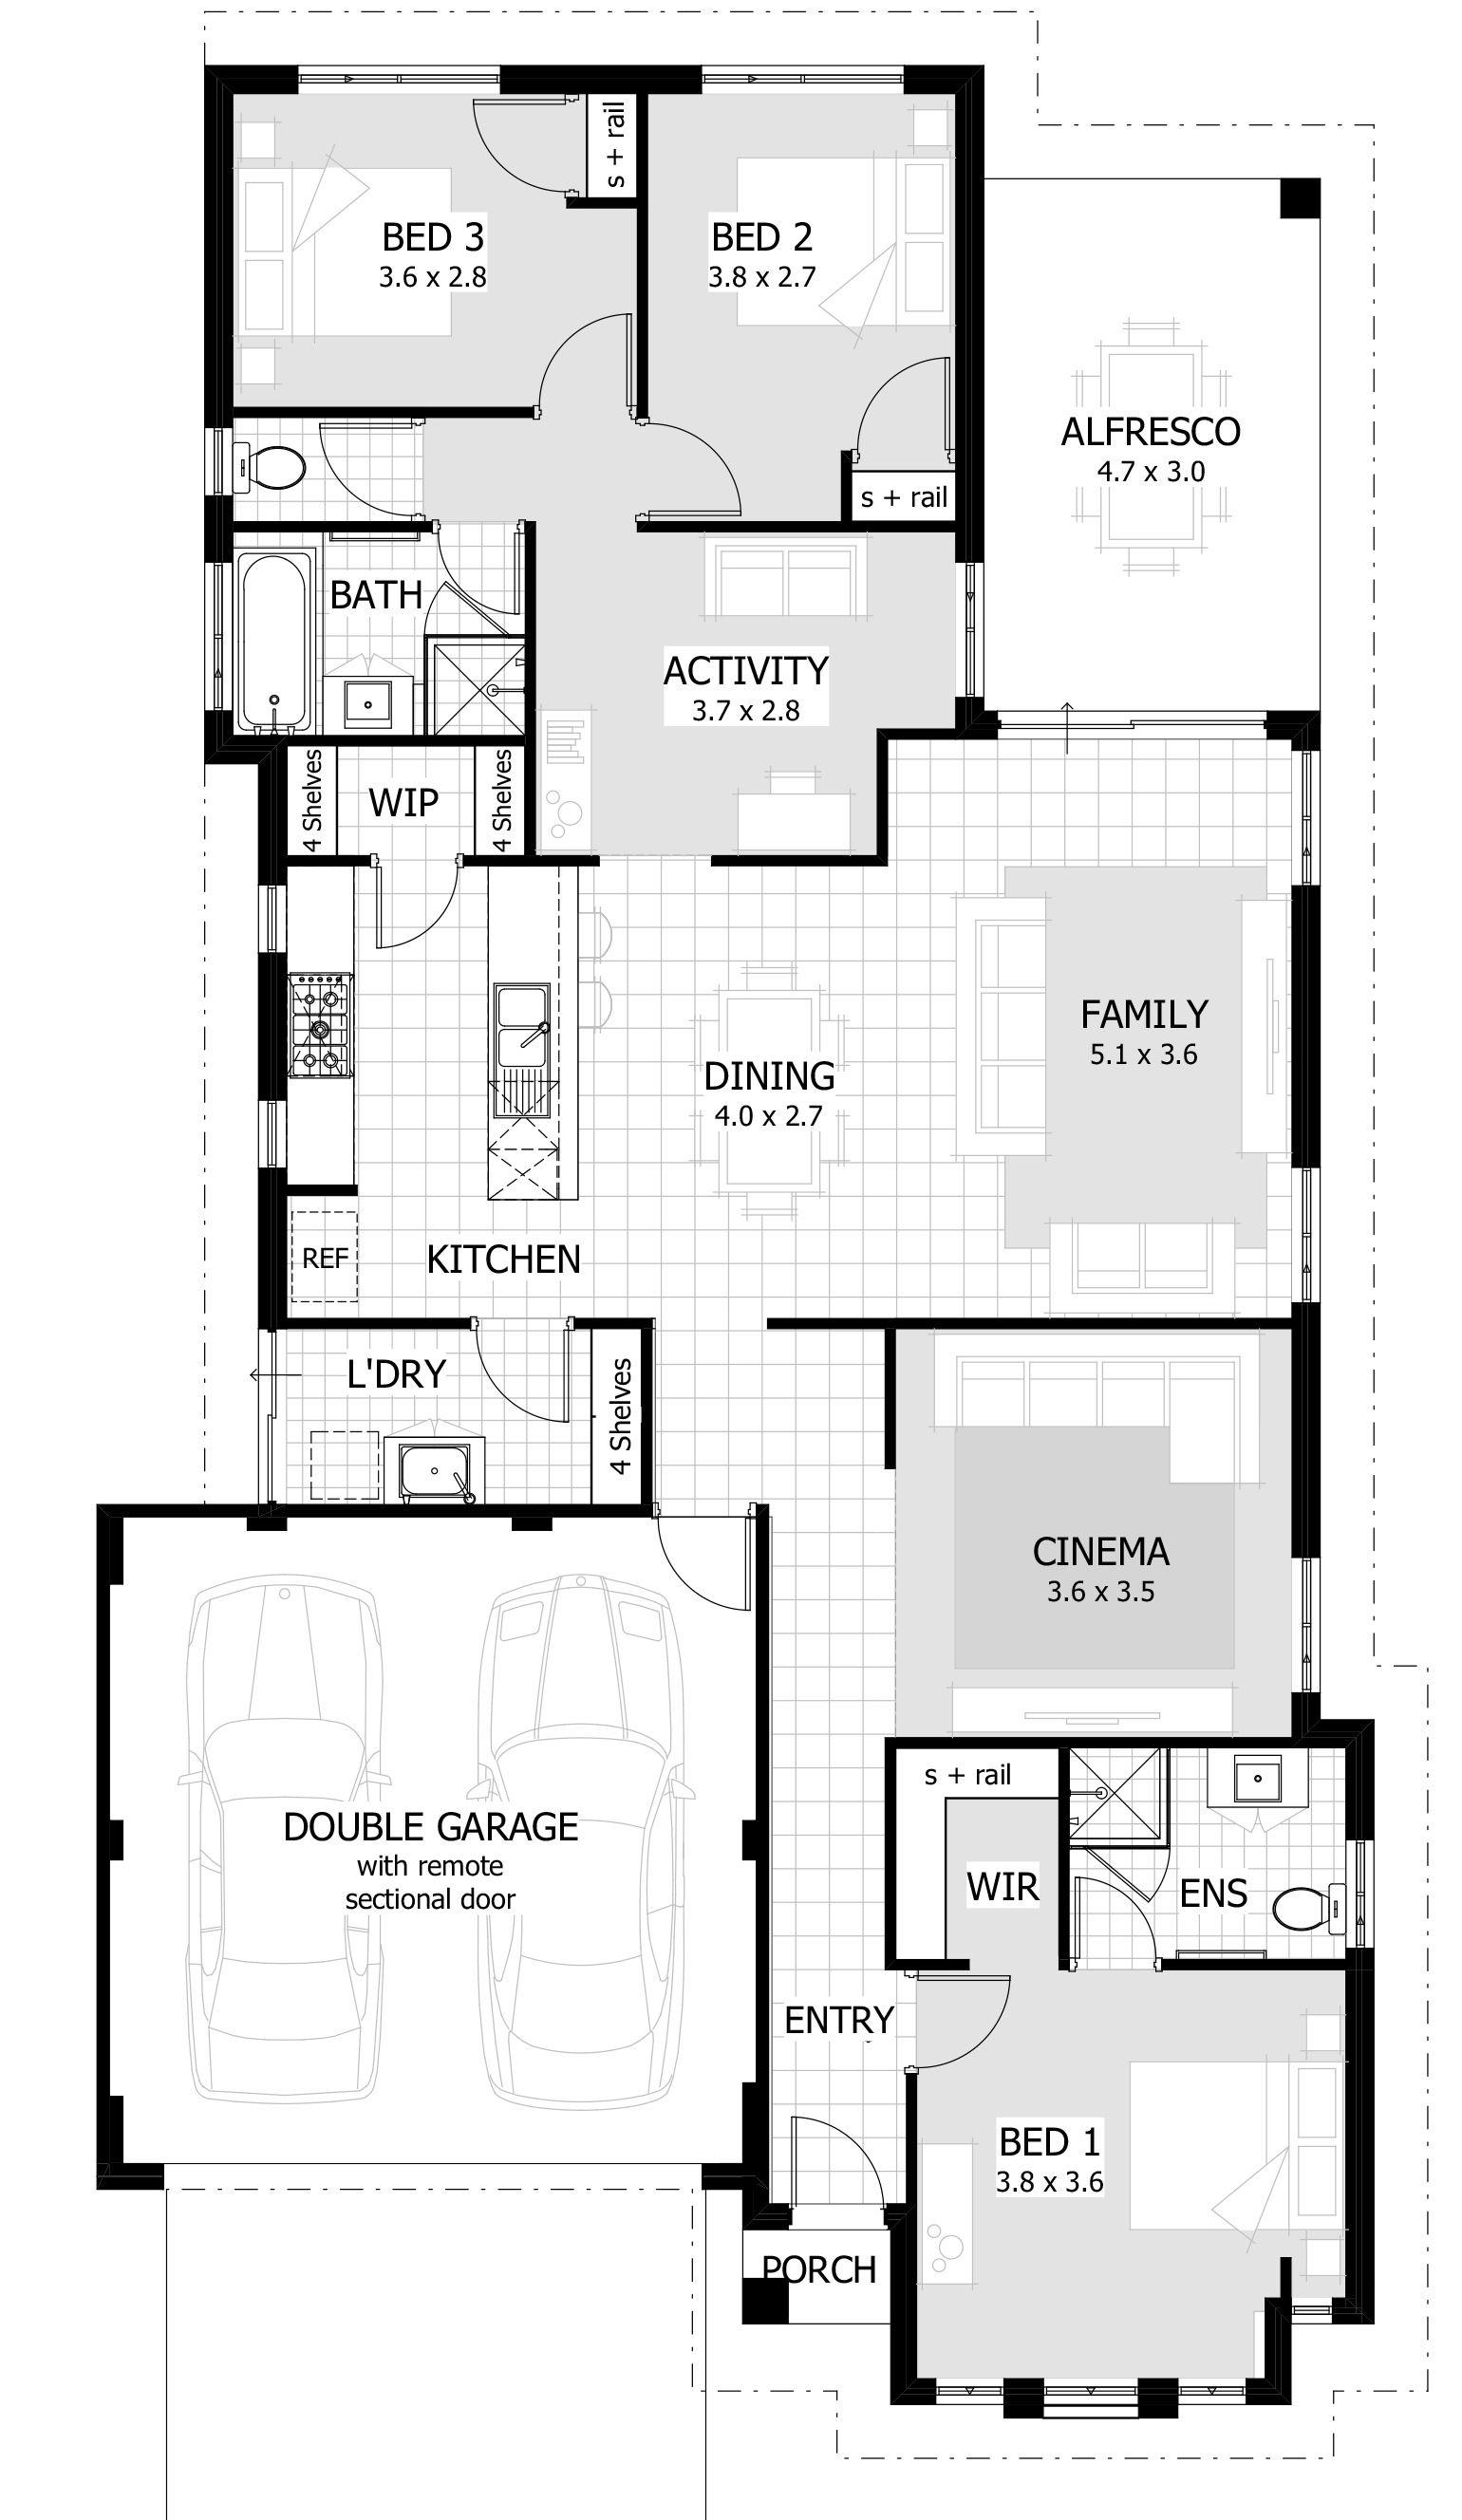 Billige Kleine Haus Plane Zimmer Haus Plan D Mini Home Plane Schlafzimmer Design Schlafzimmer Haus Schlafzimmer Zimmer